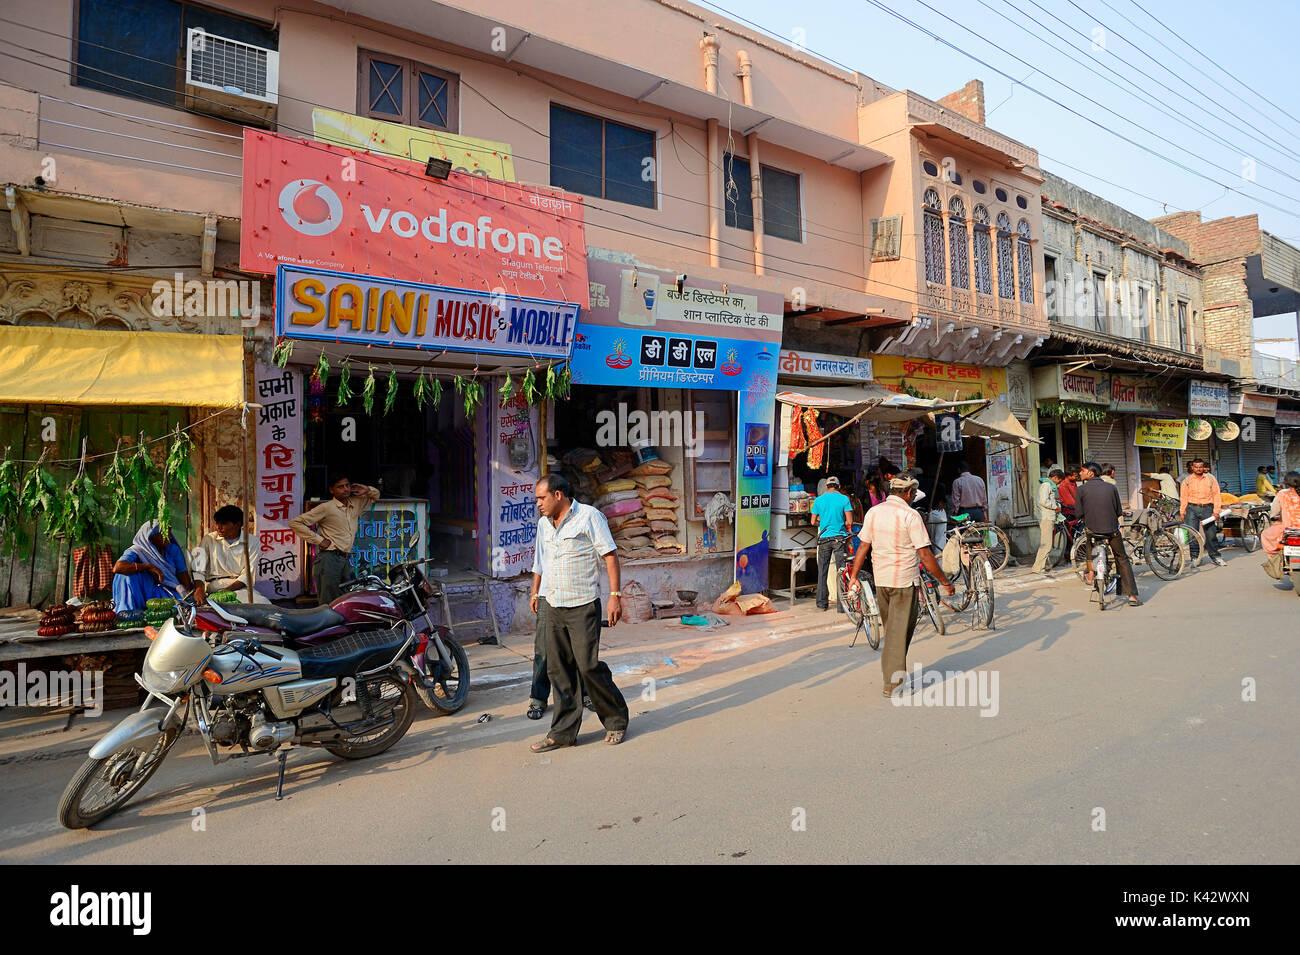 Geschäfte, Bharatpur, Rajasthan, Indien | Geschaefte, Bharatpur, Rajasthan, Indien Stockbild